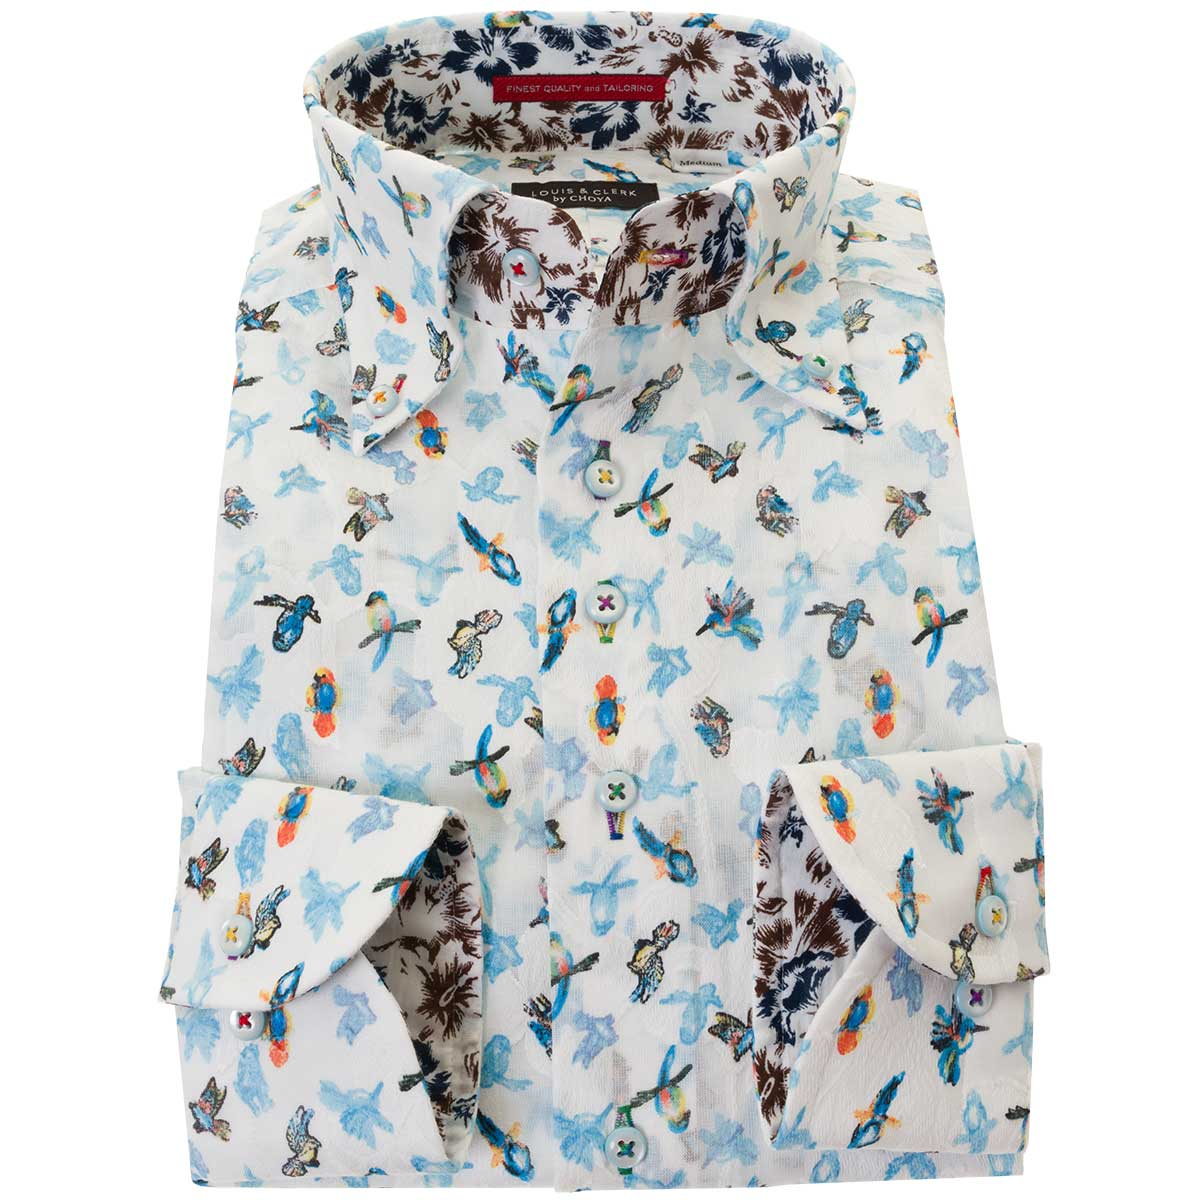 ドレスシャツ ワイシャツ シャツ メンズ 国産 長袖 綿100% コンフォート 胸ポケット無 着丈短め ボタンダウン ホワイト カットジャガードリーフ 鳥・バードプリント